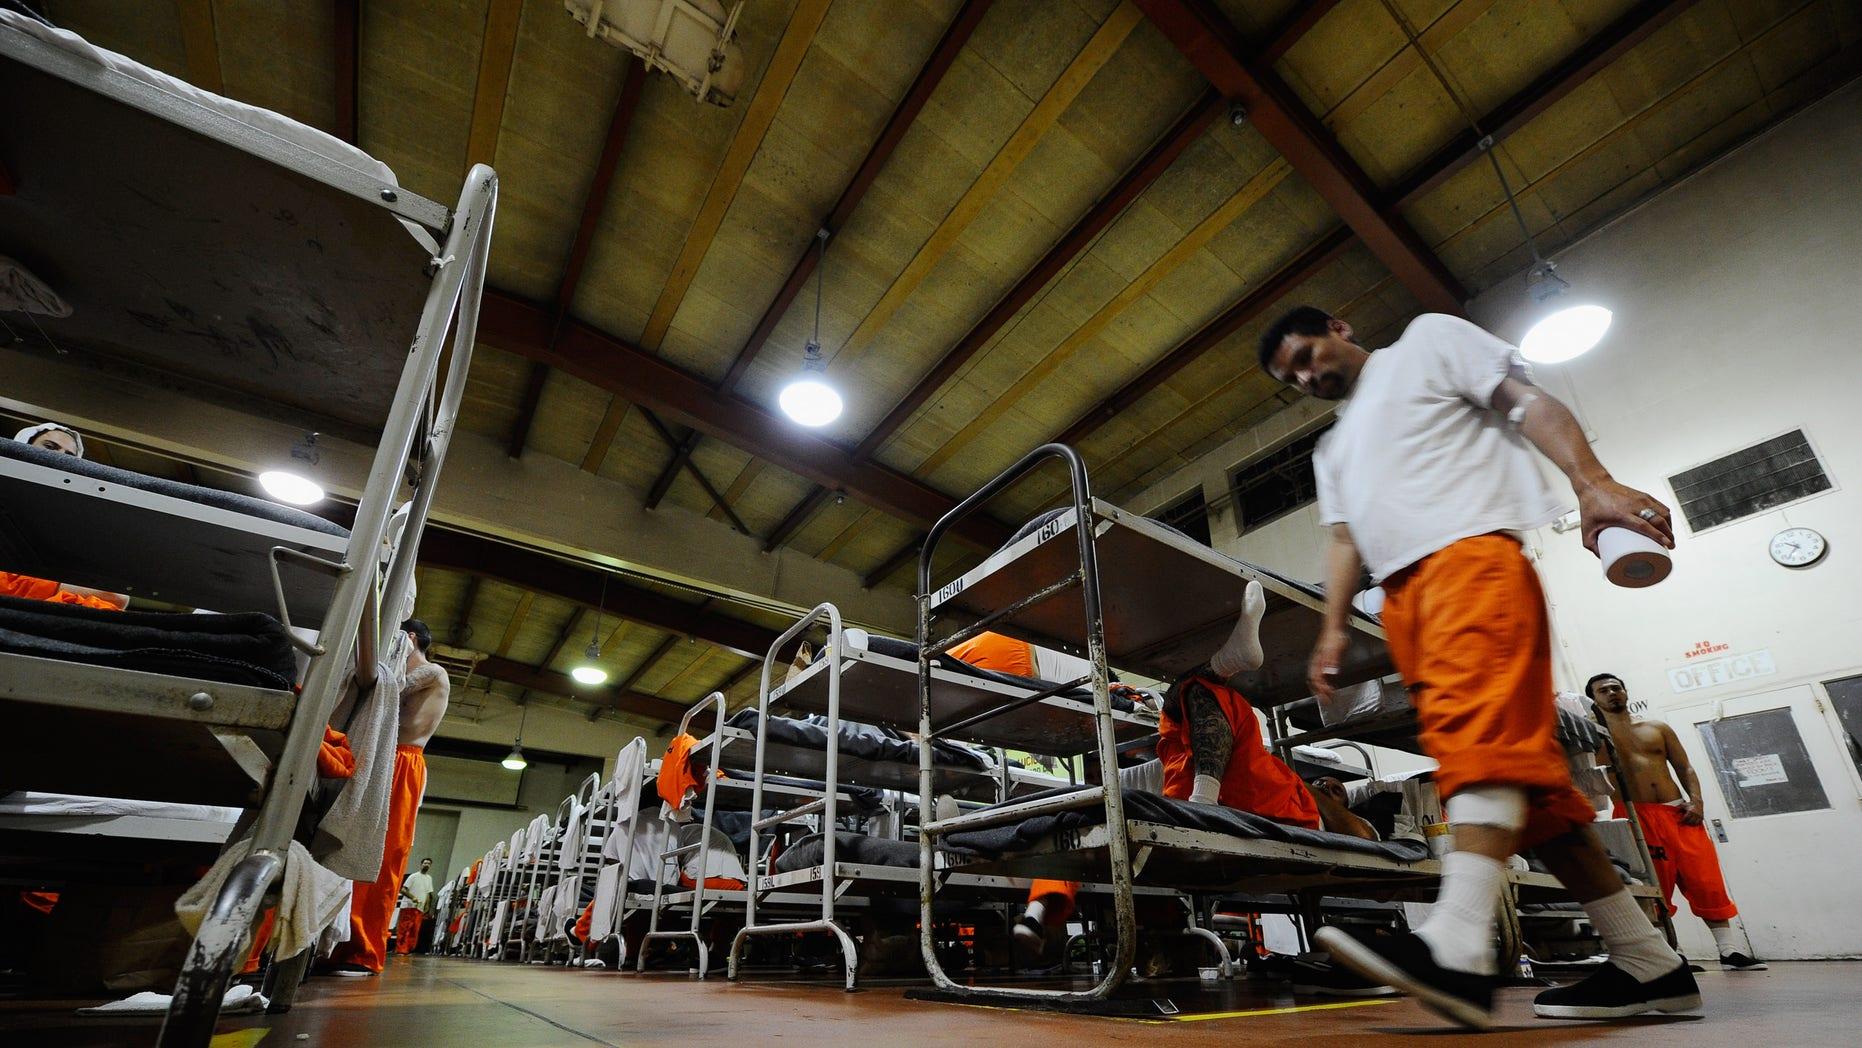 Chino State Prison, in Chino, California.